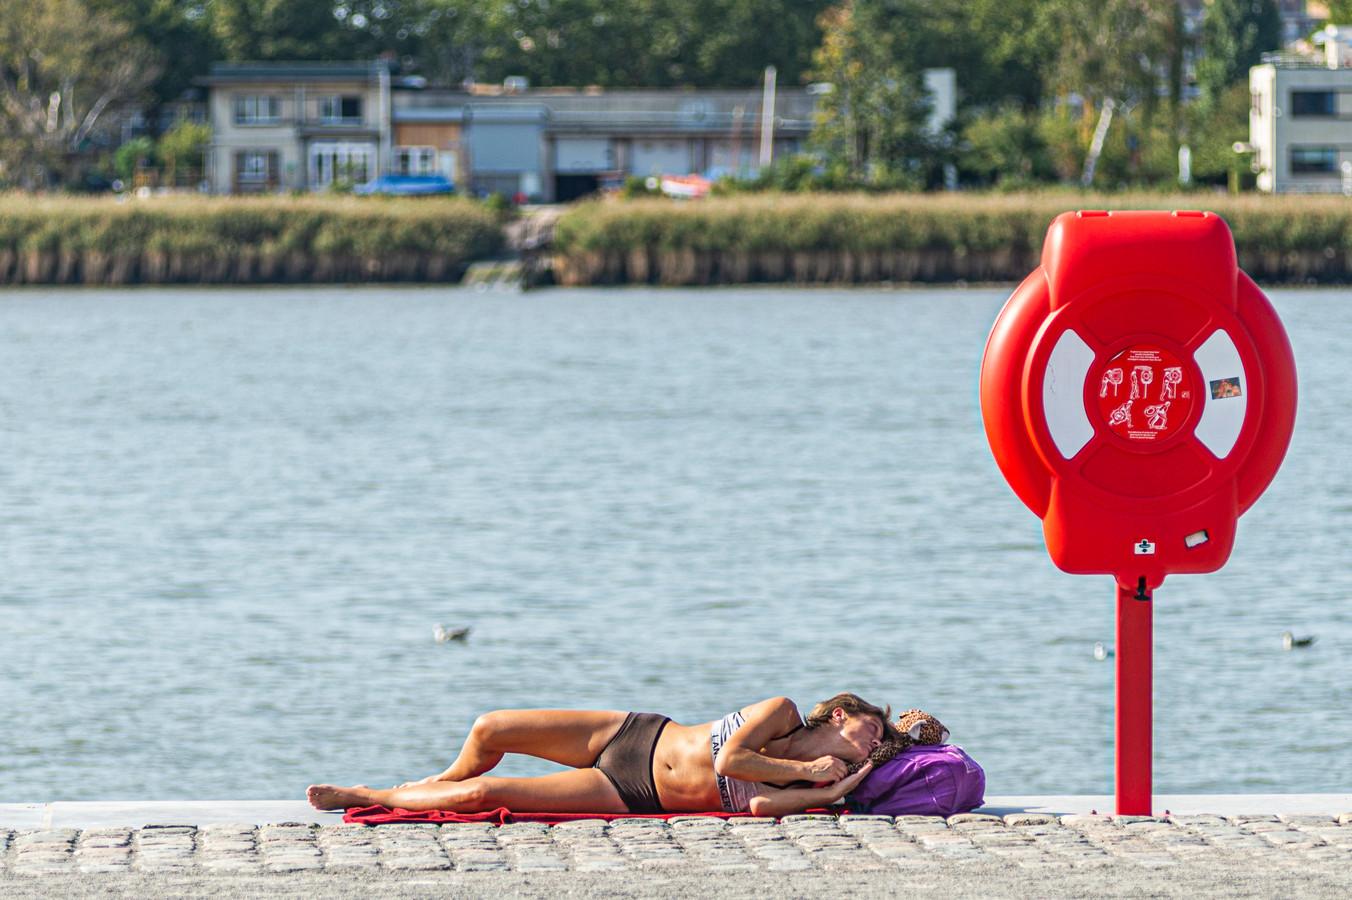 Heel comfortabel is het niet, maar ook op een stukje kade langs het water kun je zonnen.